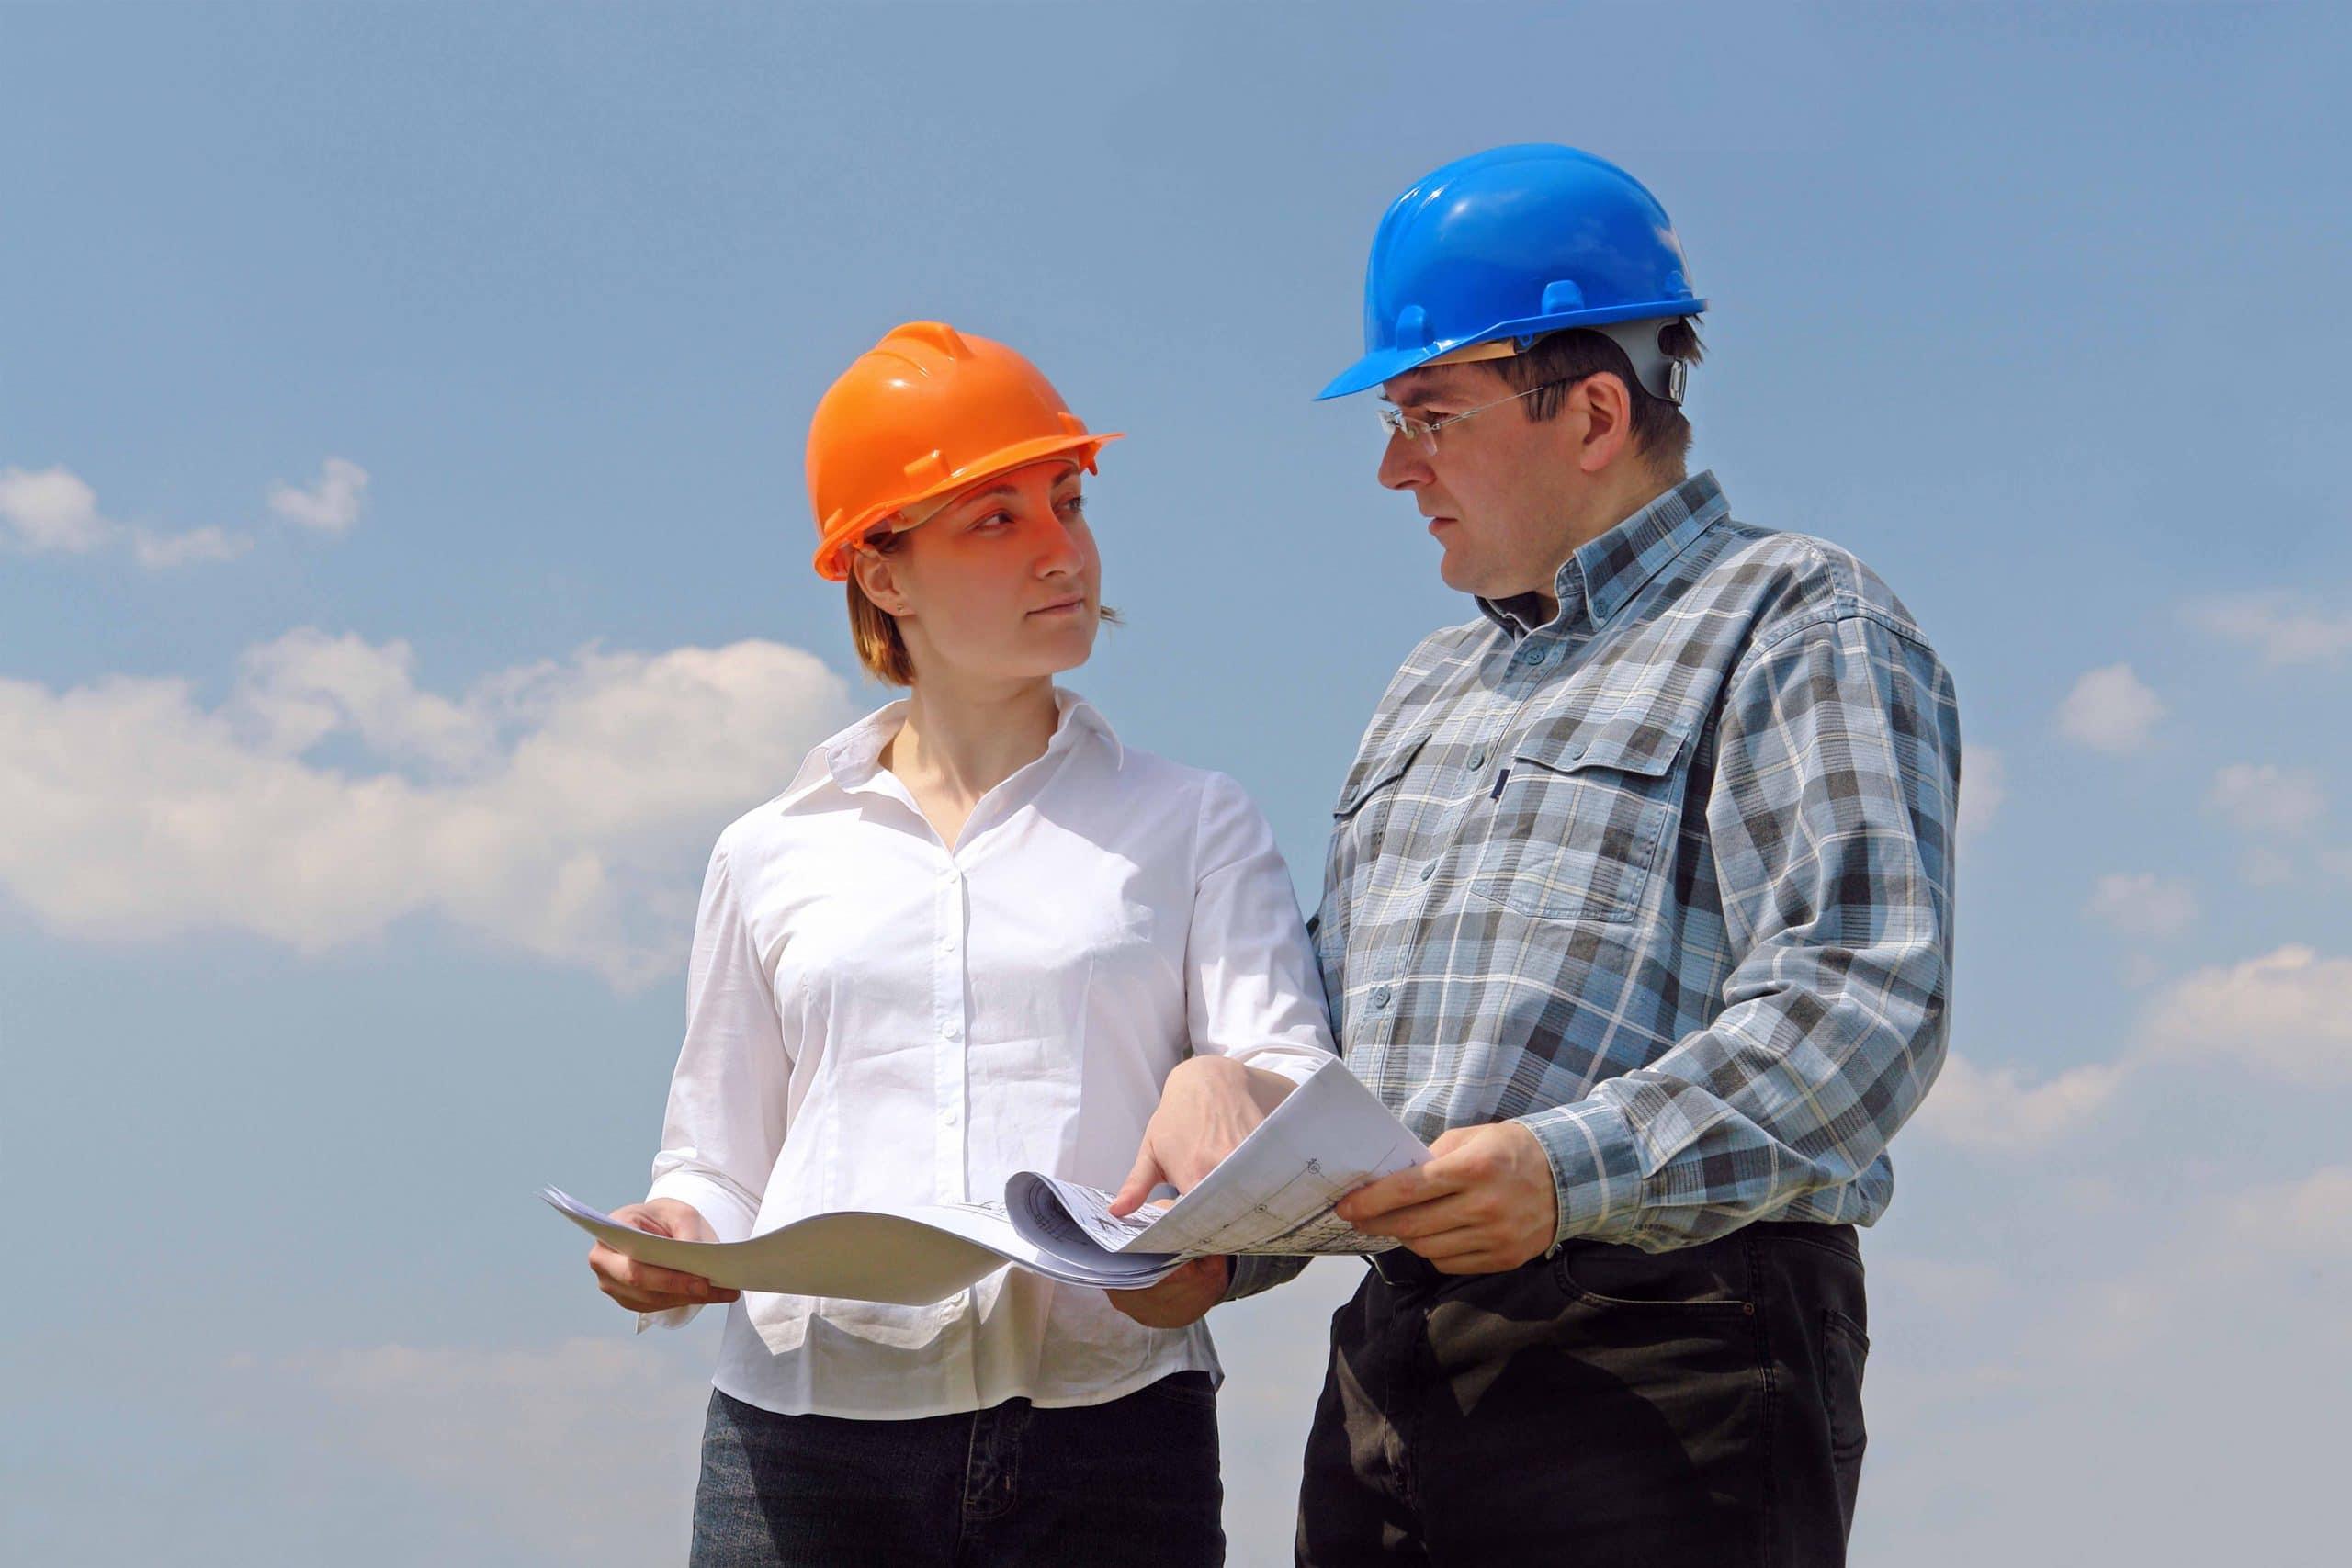 Técnico en Mediciones, Arquitecto y Maestro de Obras